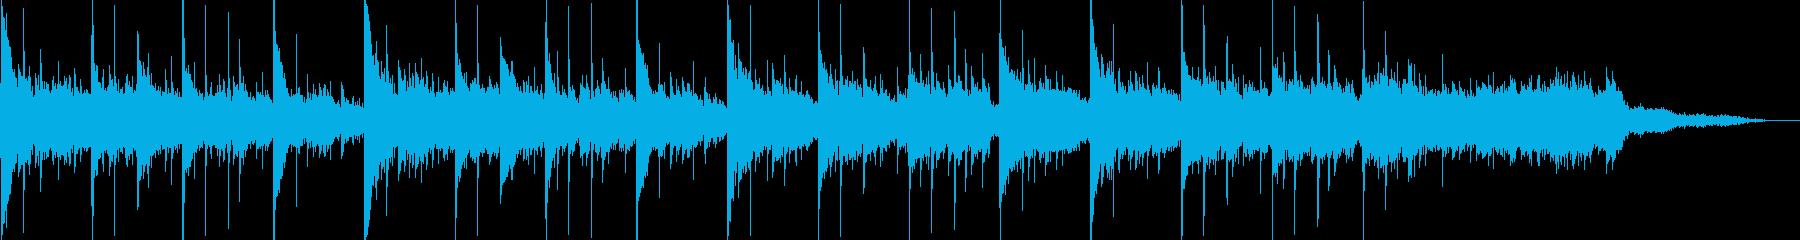 エレクトロニカ+アコーステックの再生済みの波形